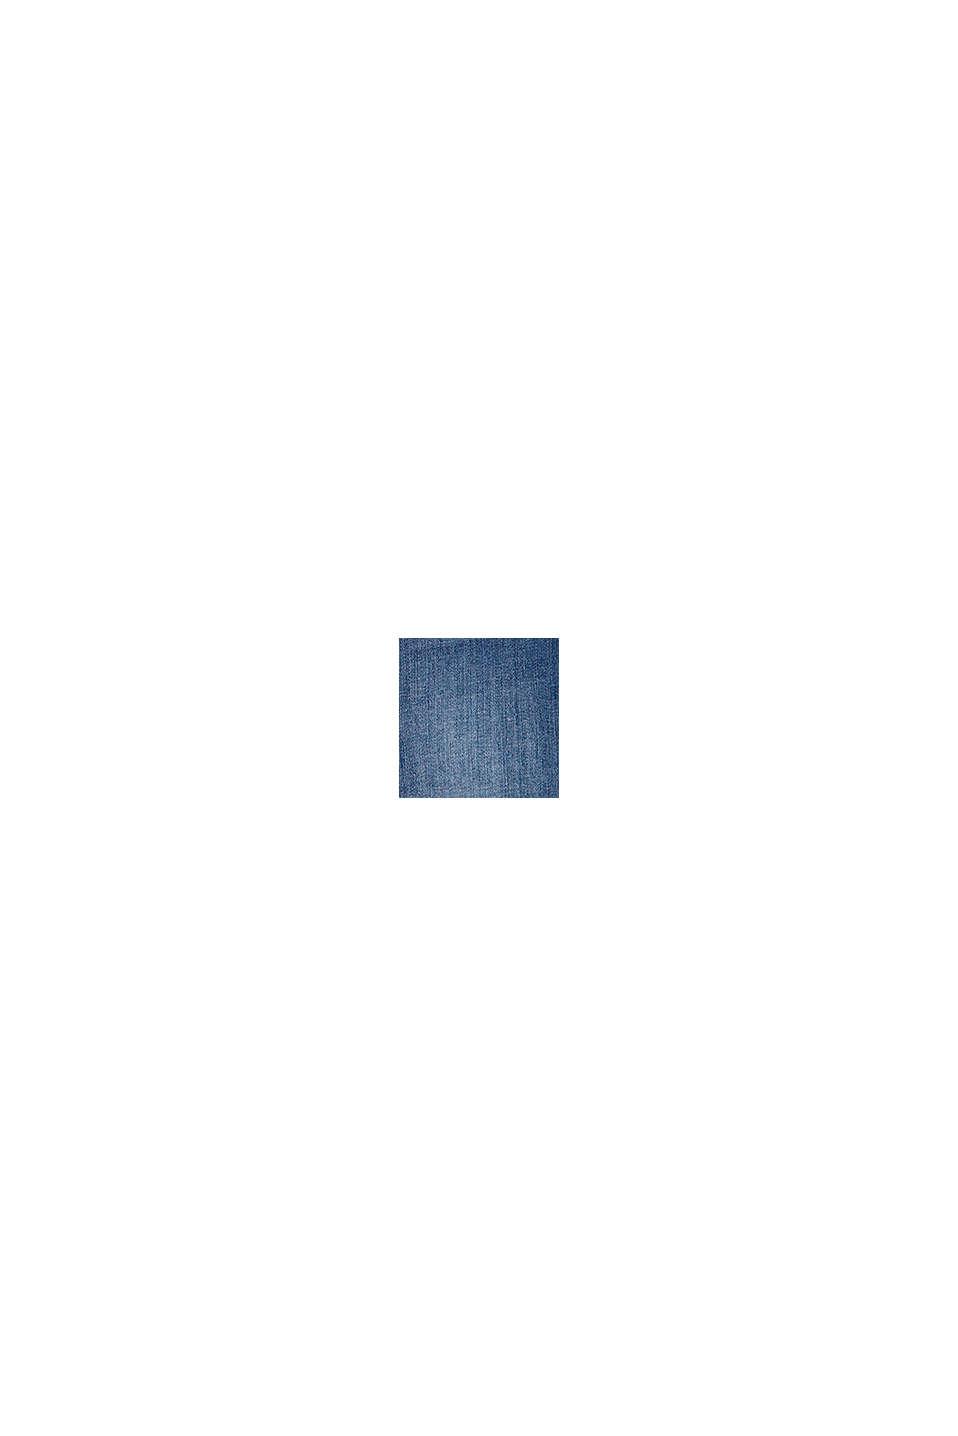 Jeans-Bermuda mit Verstellbund, BLUE MEDIUM WASHED, swatch